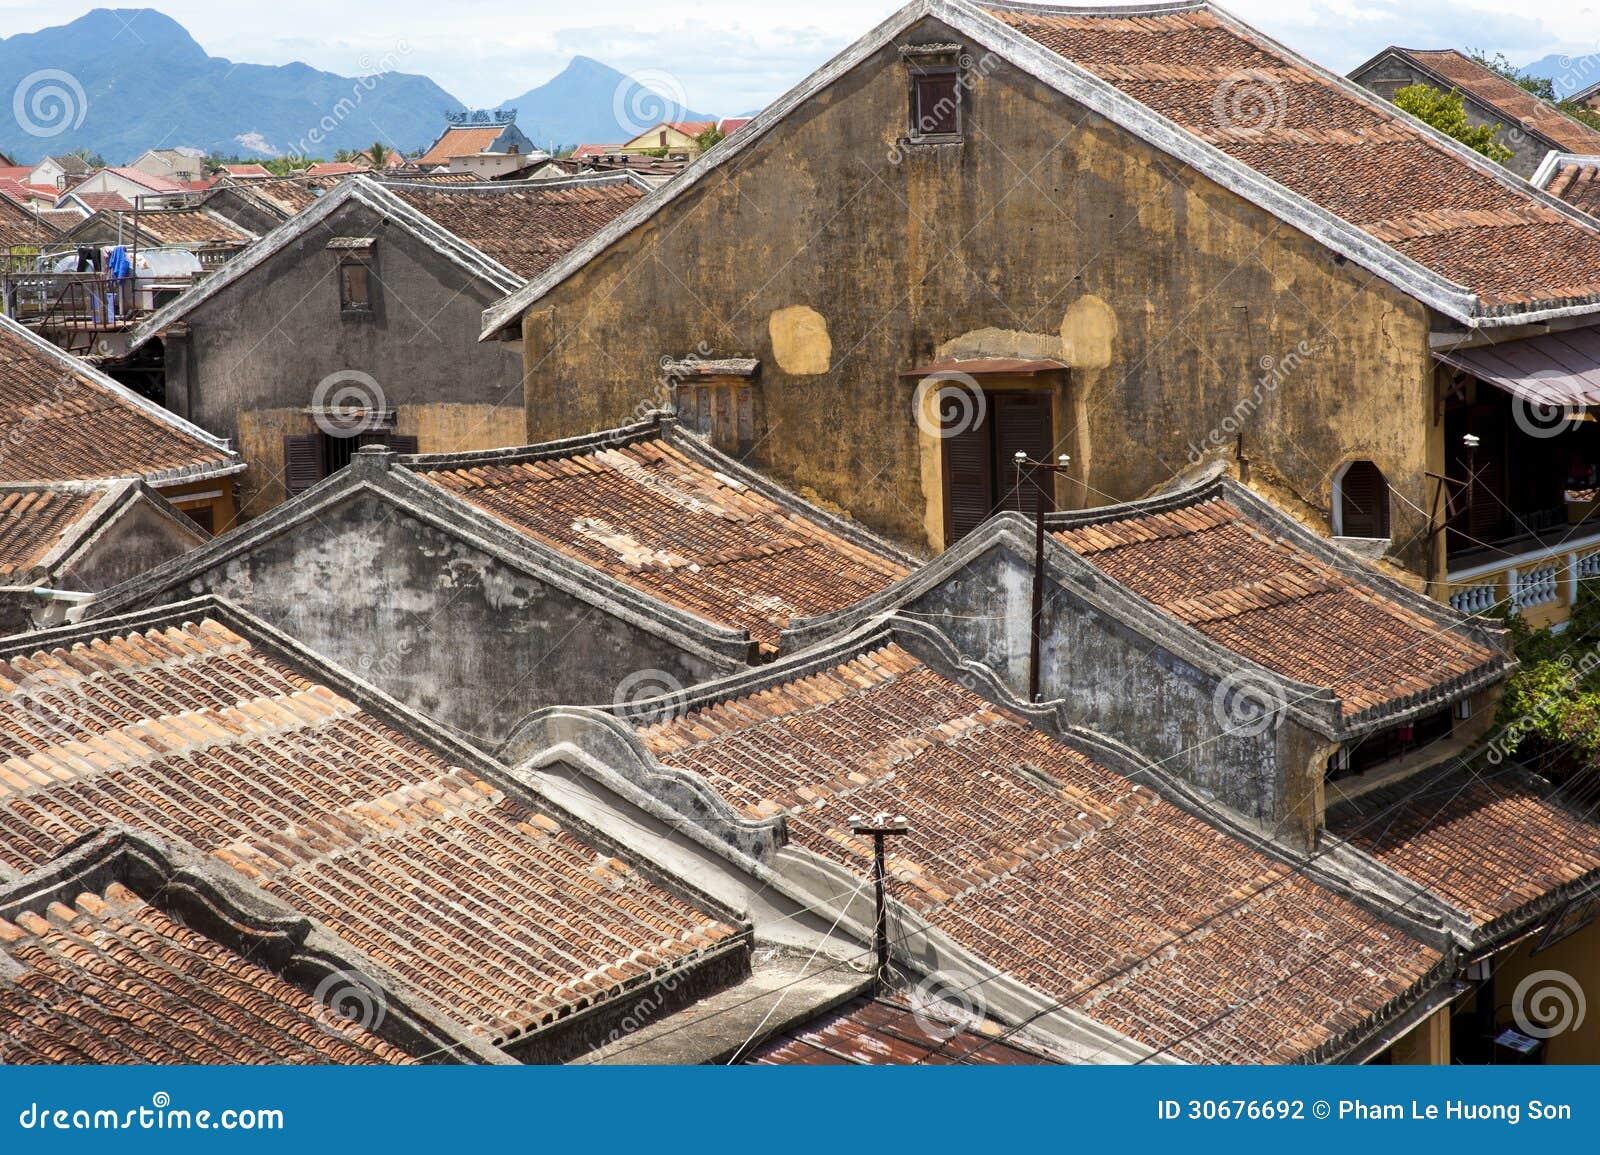 Los tejados de las casas antiguas con las tejas rojas foto - Cambiar tejado casa antigua ...